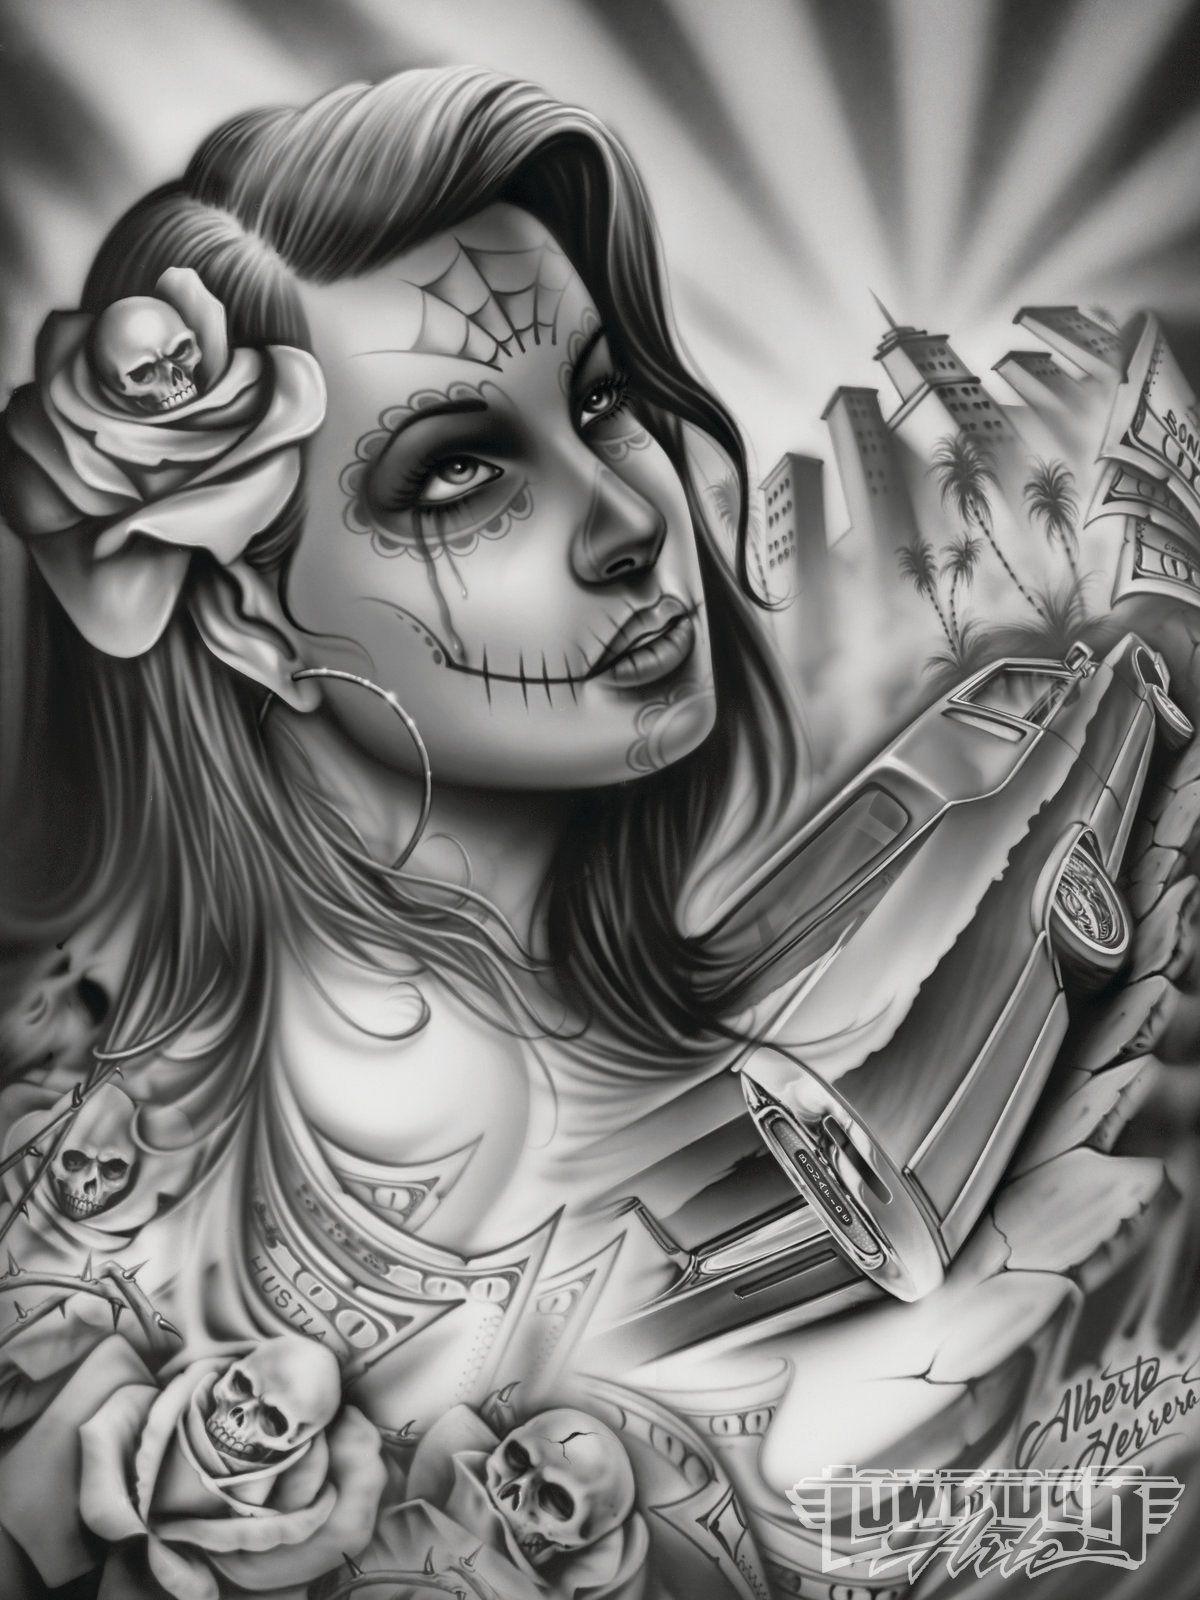 Alberto Herrera Feature Artist Lowrider Arte Magazine Lowrider Tattoo Lowrider Art Chicano